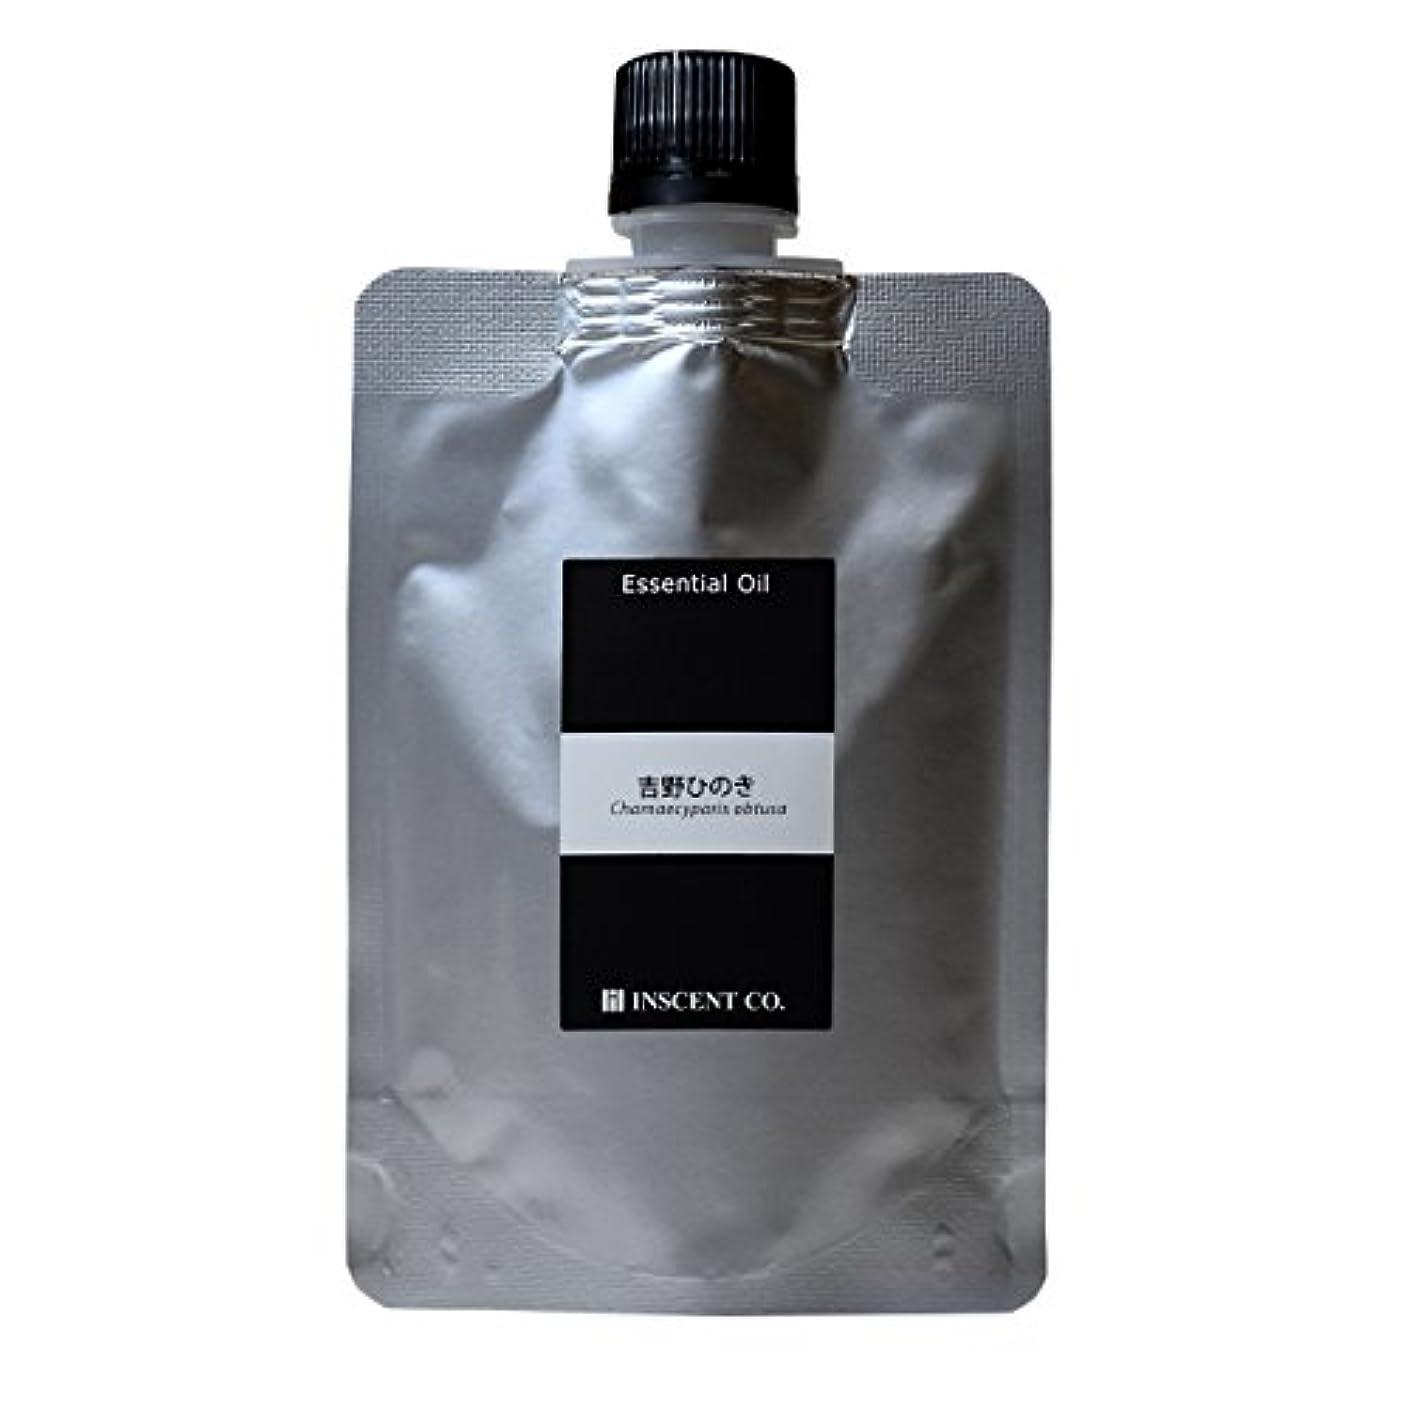 寛大な喉が渇いた危険にさらされている(詰替用 アルミパック) 吉野ひのき 100ml インセント アロマオイル AEAJ 表示基準適合認定精油